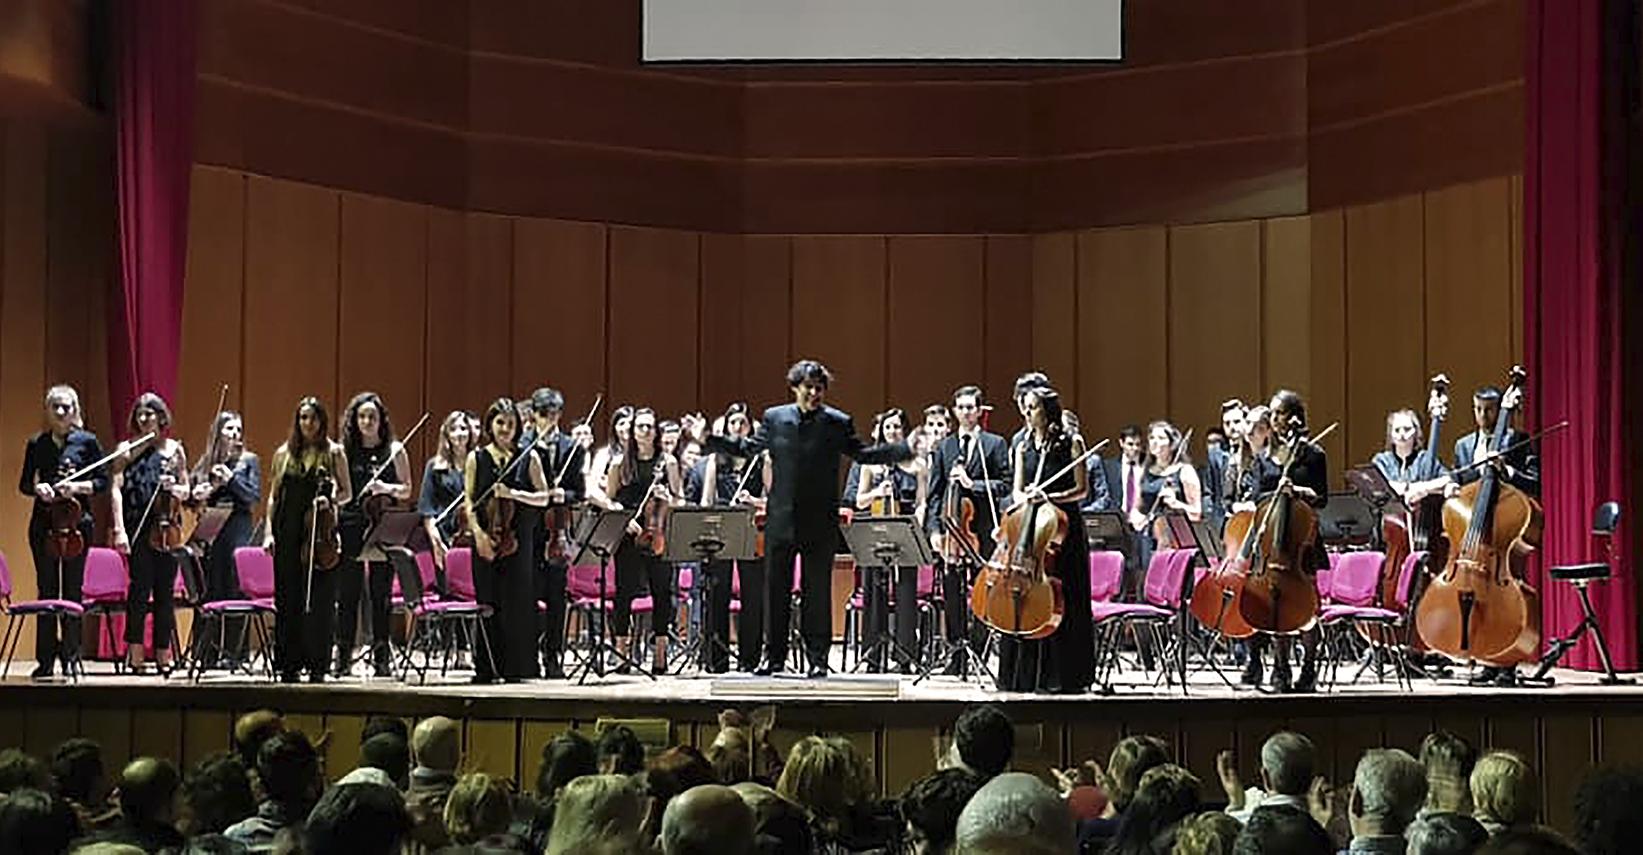 La Orquesta saluda al público tras una de sus actuaciones en la Facultad de Medicina